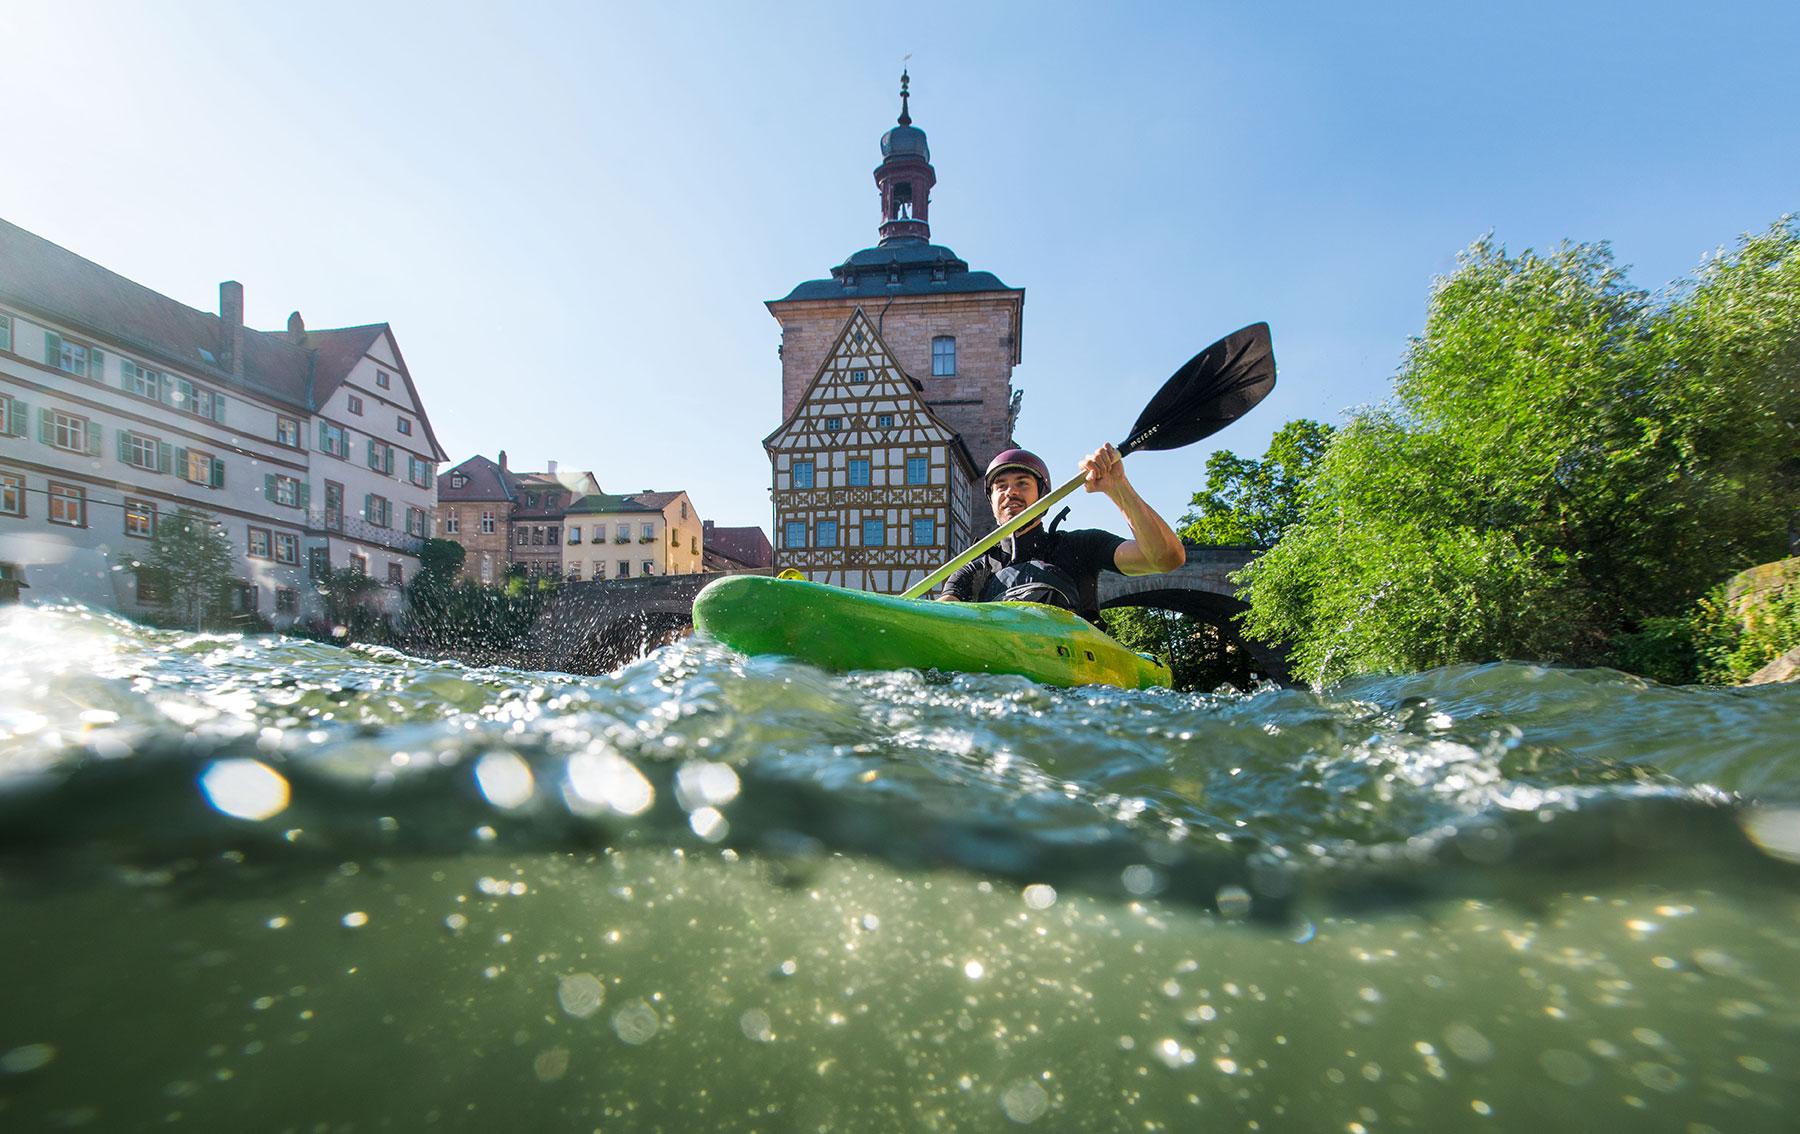 Kajakfahrer auf dem Wasserweg durch die historische Altstadt von Bamberg.